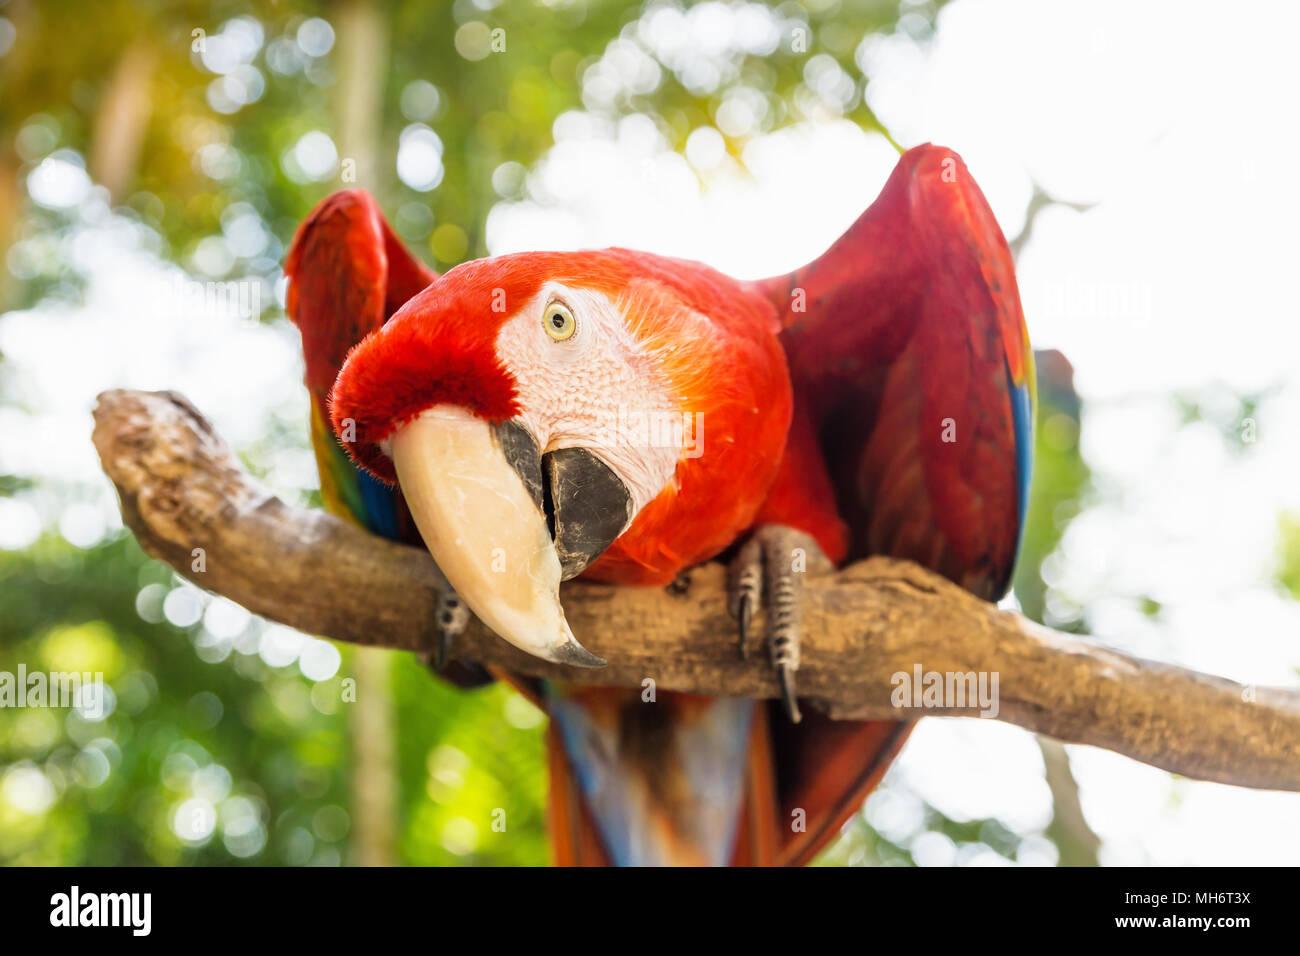 Giocoso cercando Scarlett Macaw bird parrot con colore rosso in Macaw Mountain, Copan Ruinas, Honduras, America Centrale Immagini Stock